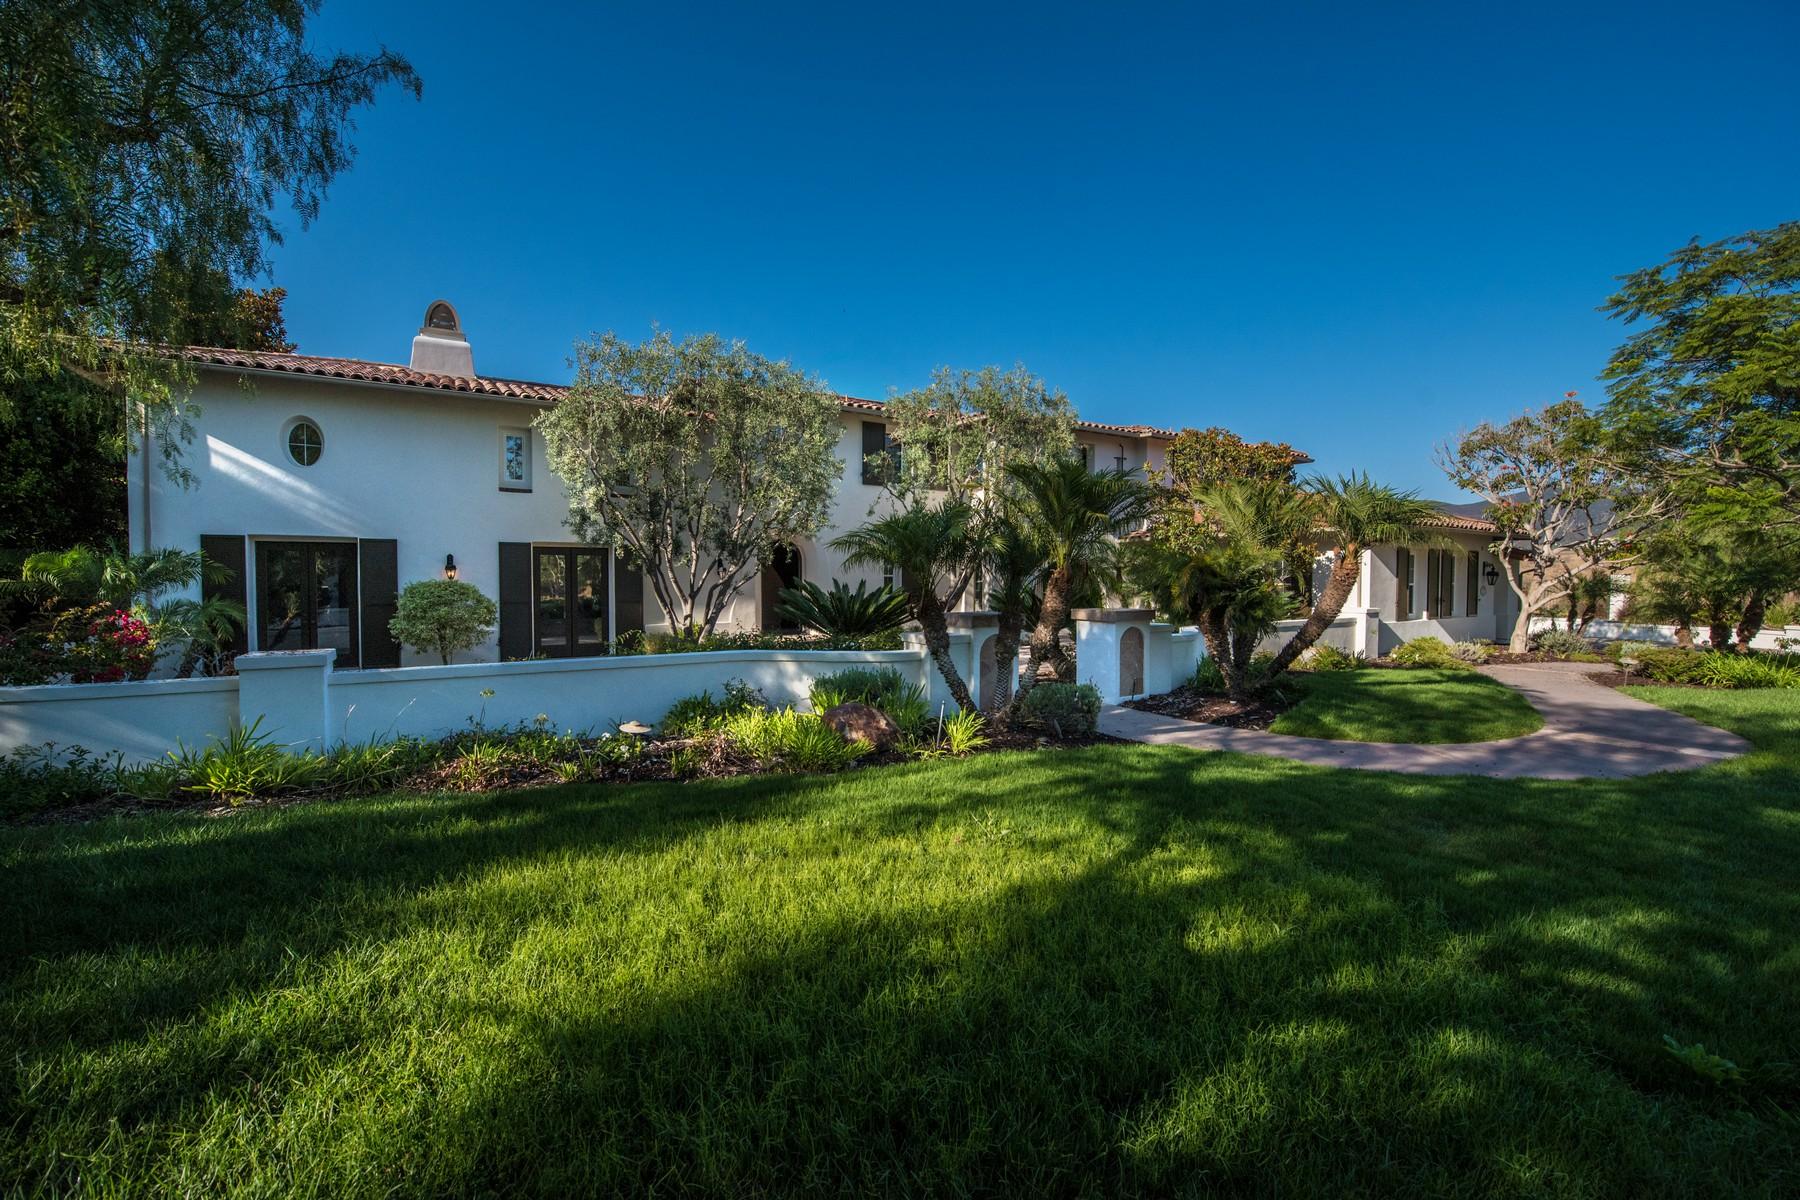 獨棟家庭住宅 為 出售 在 14169 Caminito Vistana San Diego, 加利福尼亞州, 92130 美國